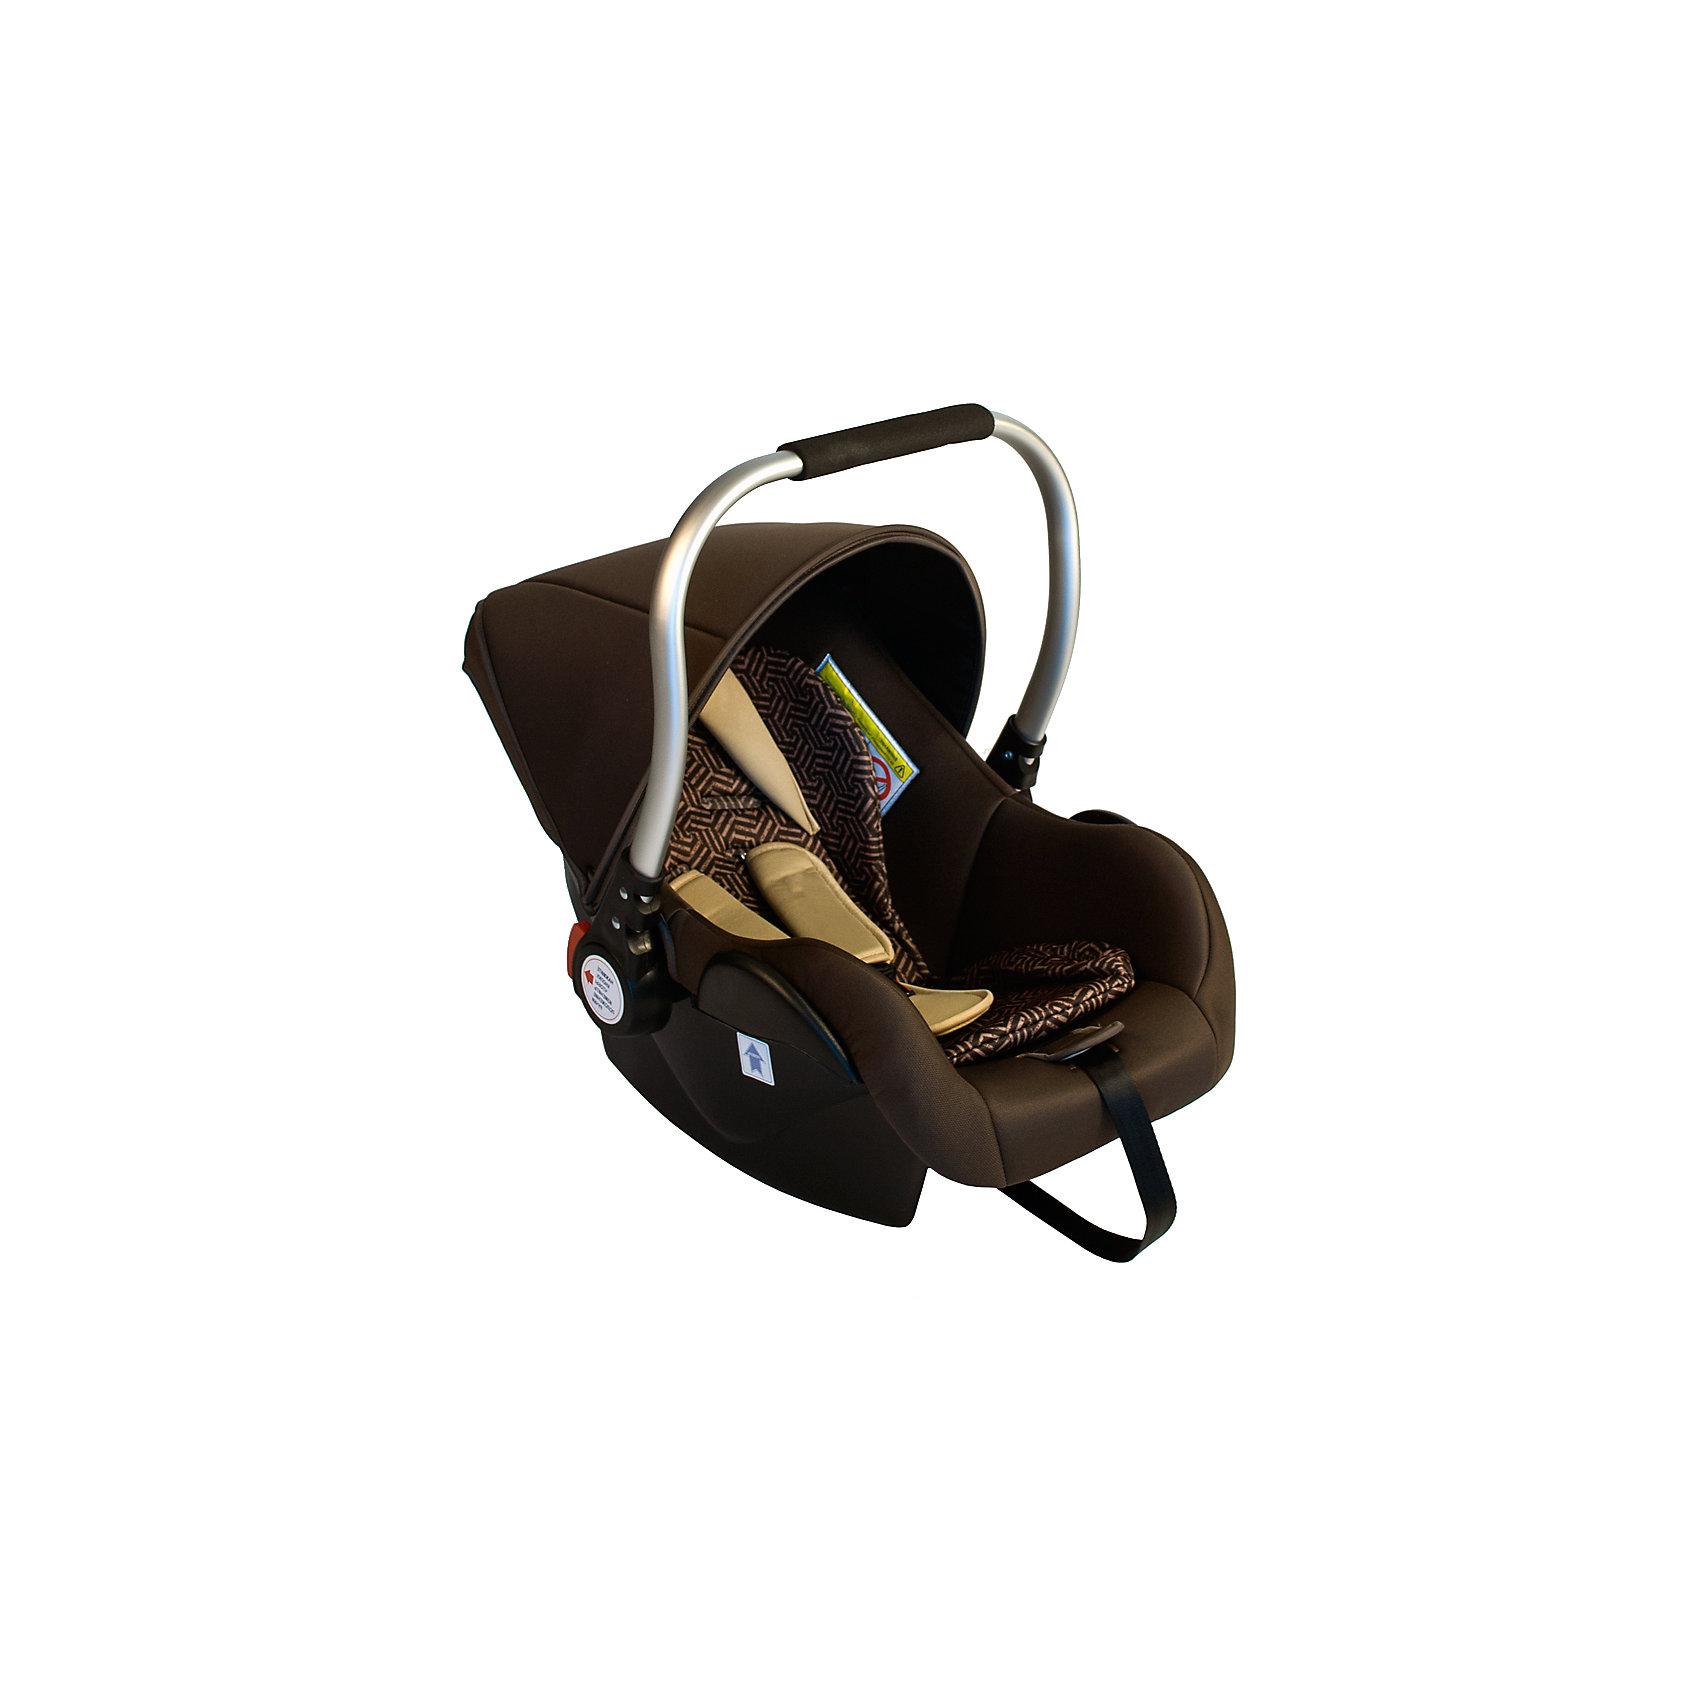 Автокресло BabyHit PRIMARY 0-13 кг, коричневыйГруппа 0+ (До 13 кг)<br>Характеристики:<br><br>• группа автокресла: 0+;<br>• вес ребенка: до 13 кг;<br>• возраст ребенка: рождения до года;<br>• способ крепления: штатные ремни безопасности;<br>• способ установки: против хода движения автомобиля;<br>• стандарт безопасности: ЕСЕ R44/04.<br><br>Особенности автокресла:<br><br>• система встроенных ремней безопасности с мягкими накладками;<br>• наличие анатомического вкладыша для новорожденного;<br>• капор для защиты от солнечных лучей;<br>• возможность установить на шасси колясок Babyhit Drive и Babyhit Drive 2, Babyhit Smart;<br>• переходники входят в комплект поставки;<br>• чехол съемный, стирается при температуре 30 градусов;<br>• материал: пластик, полиэстер, алюминиевая ручка с мягкой накладкой для переноски автокресла.<br><br>Размер автокресла: 74х44 80 см<br>Вес автокресла: 3 кг<br><br>Автокресло PRIMARY 0-13 кг, Babyhit, цвет коричневый можно купить в нашем интернет-магазине.<br><br>Ширина мм: 740<br>Глубина мм: 440<br>Высота мм: 800<br>Вес г: 3000<br>Возраст от месяцев: 0<br>Возраст до месяцев: 12<br>Пол: Унисекс<br>Возраст: Детский<br>SKU: 5500258